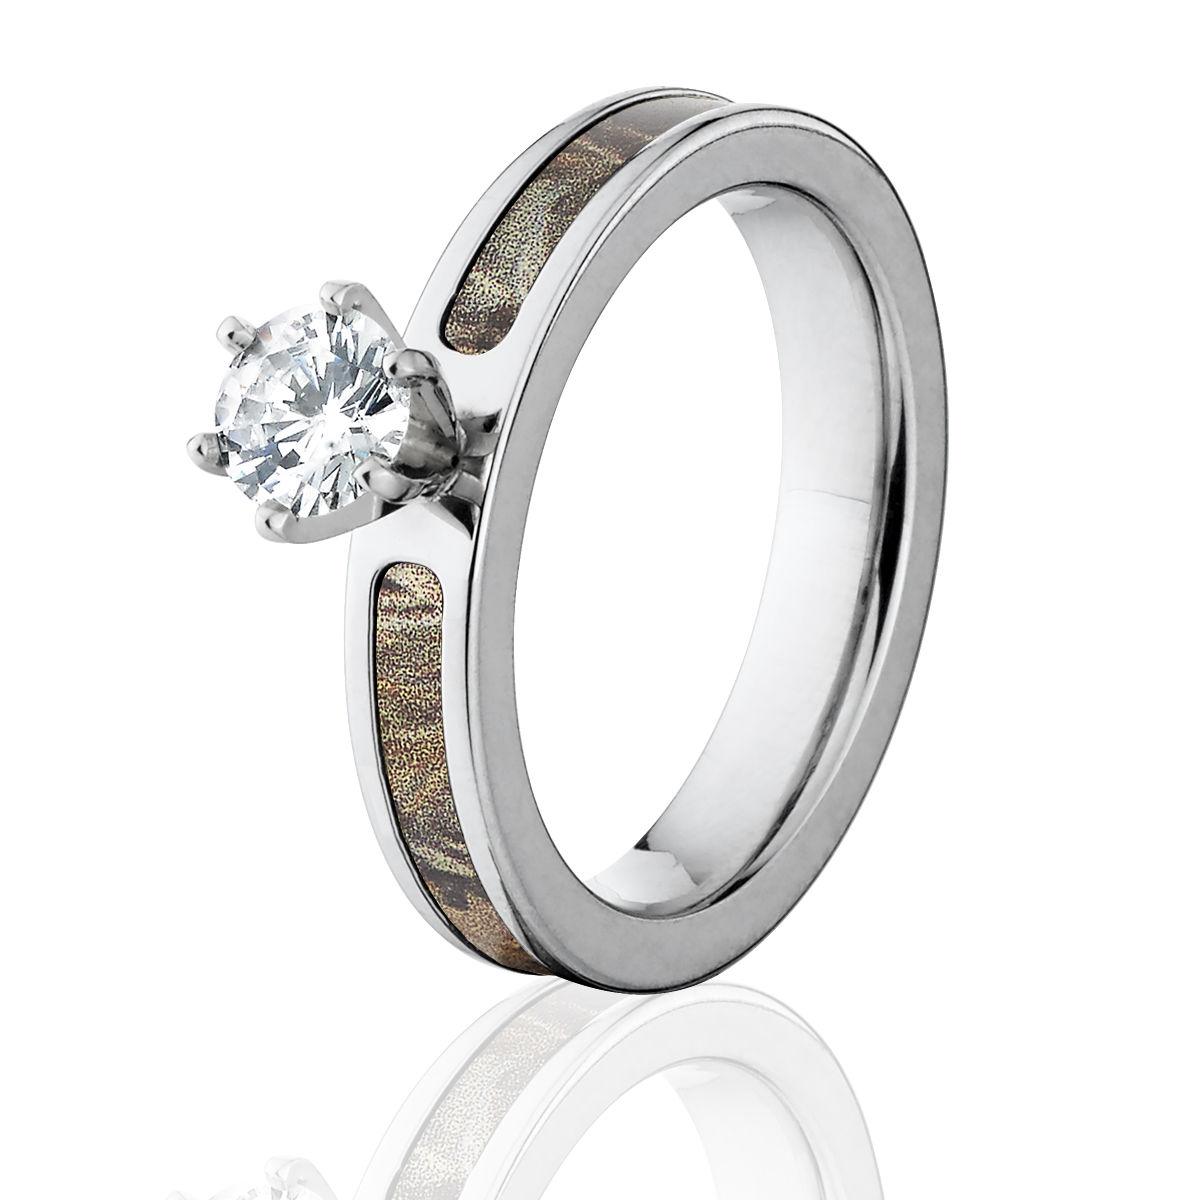 Realtree Wedding Rings: Realtree Max 4 Camo Engagement Ring